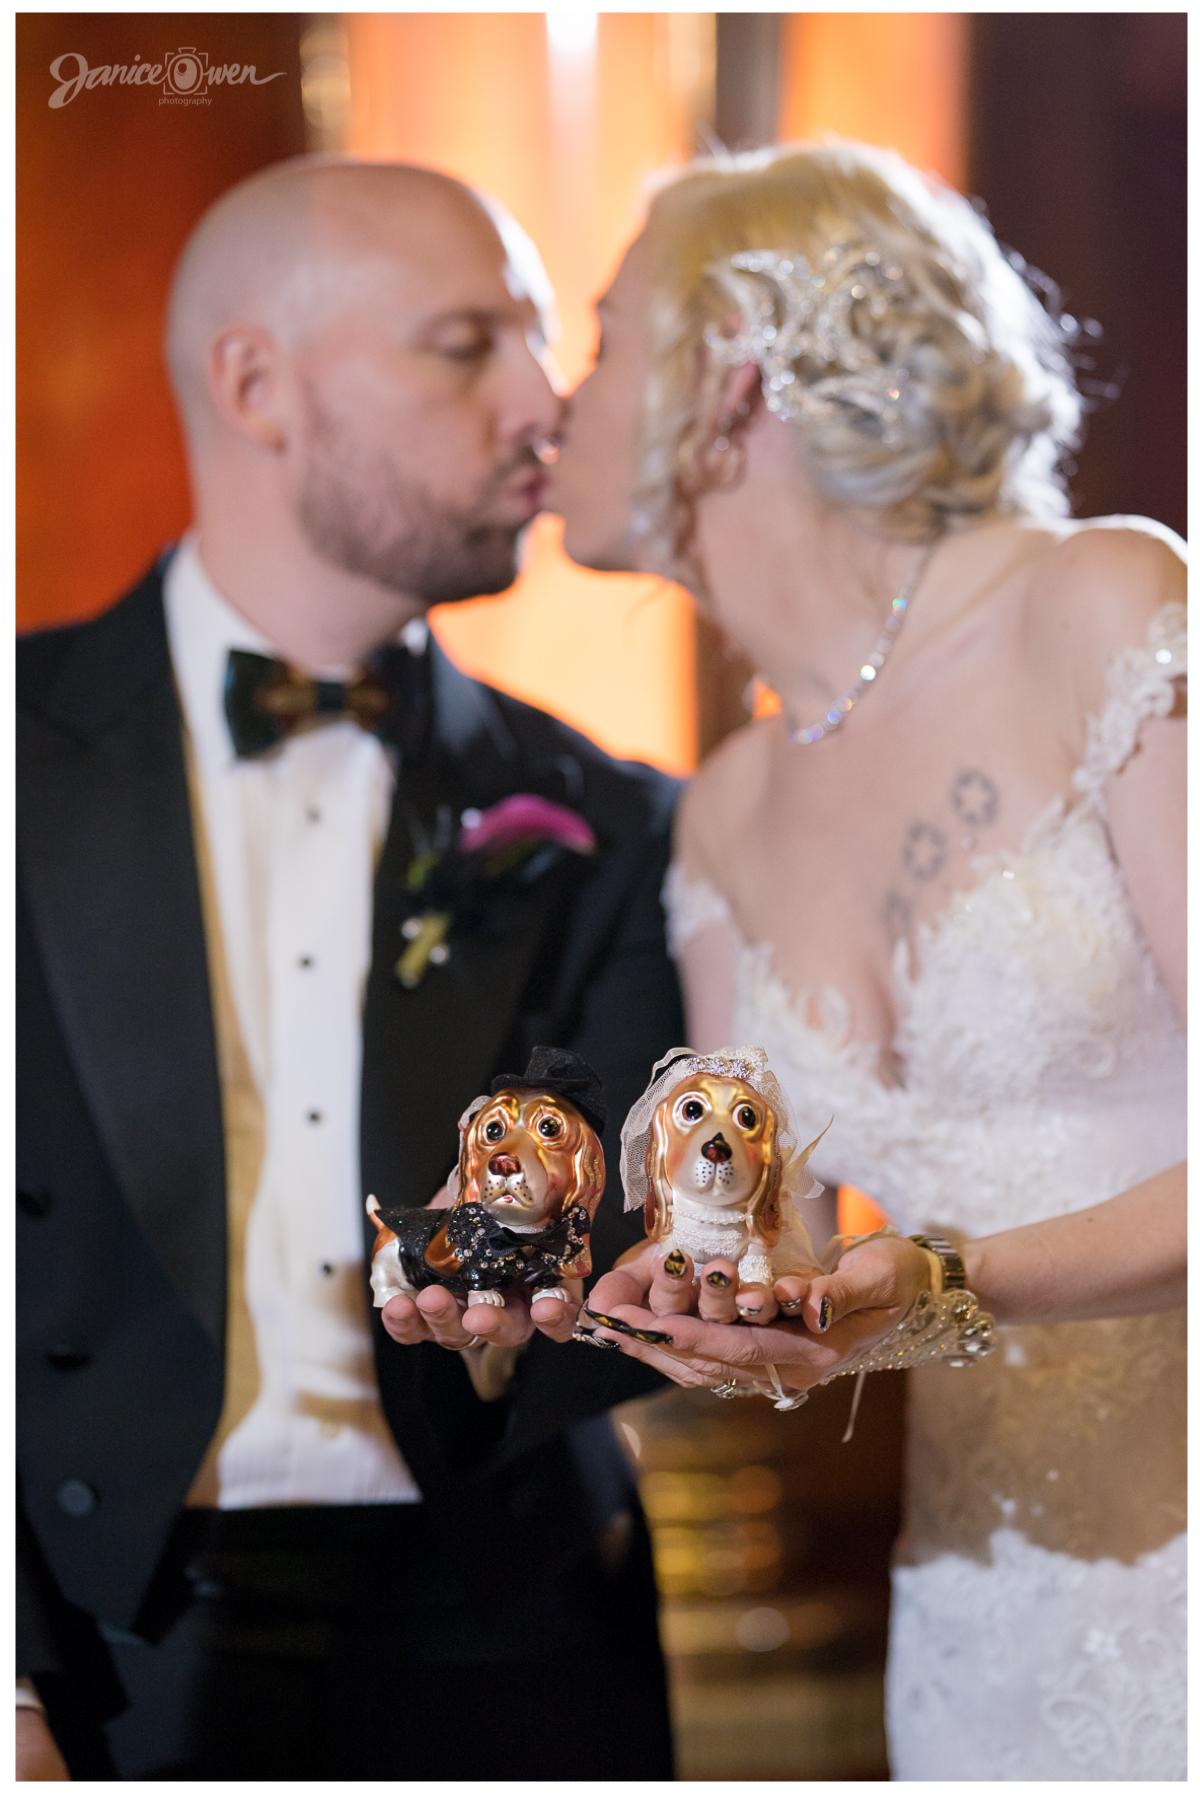 janiceowenphotography_wedding100.jpg